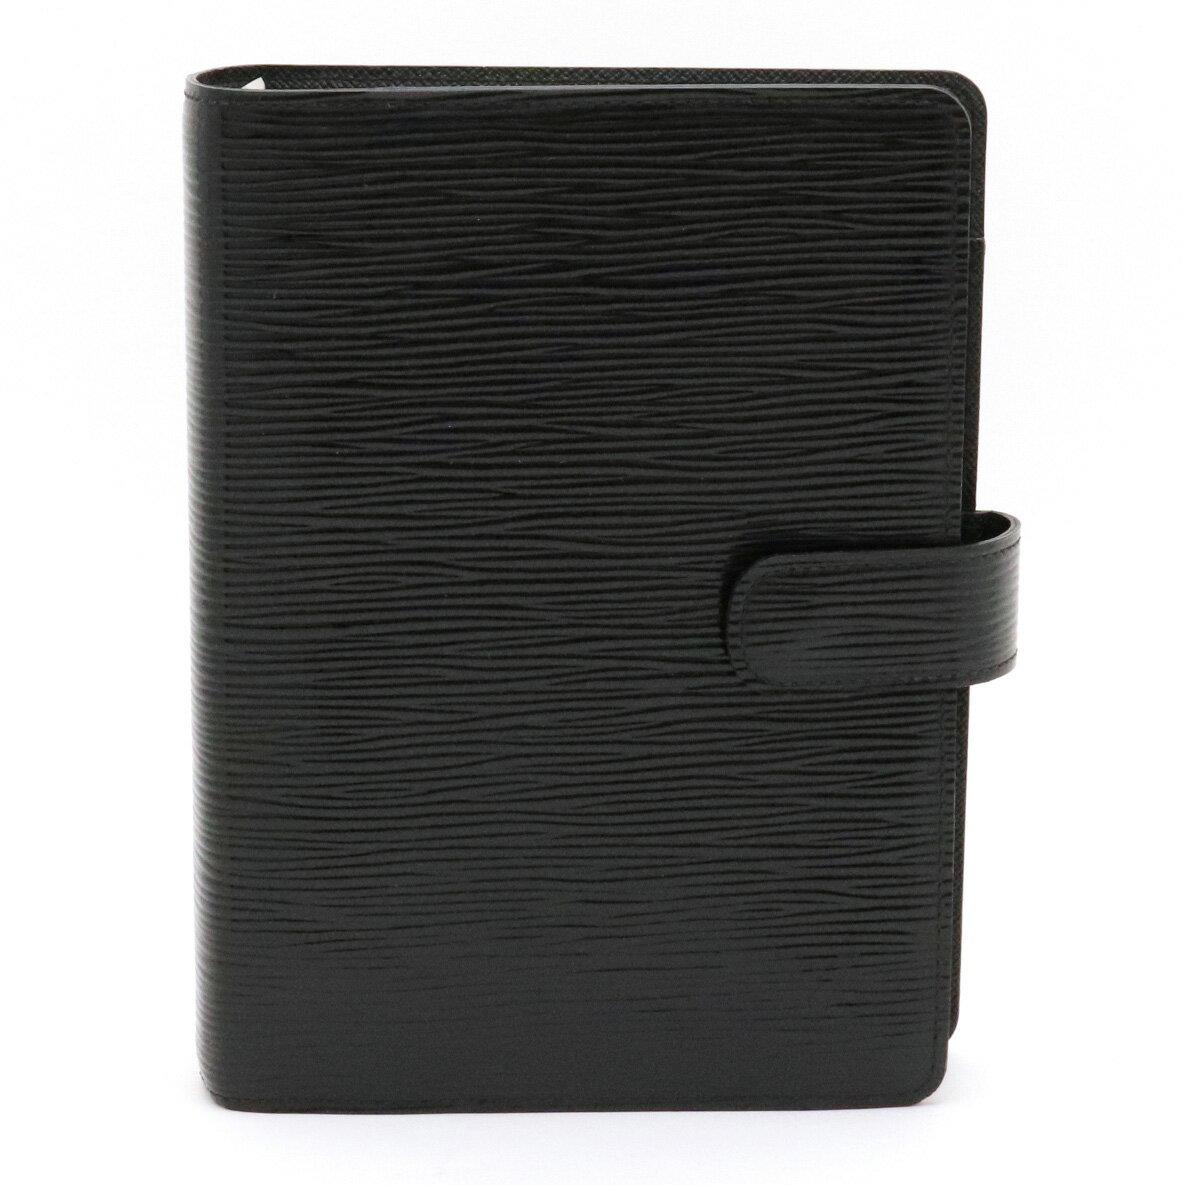 手帳・ノート, システム手帳 LOUIS VUITTON MM 6 R2004N